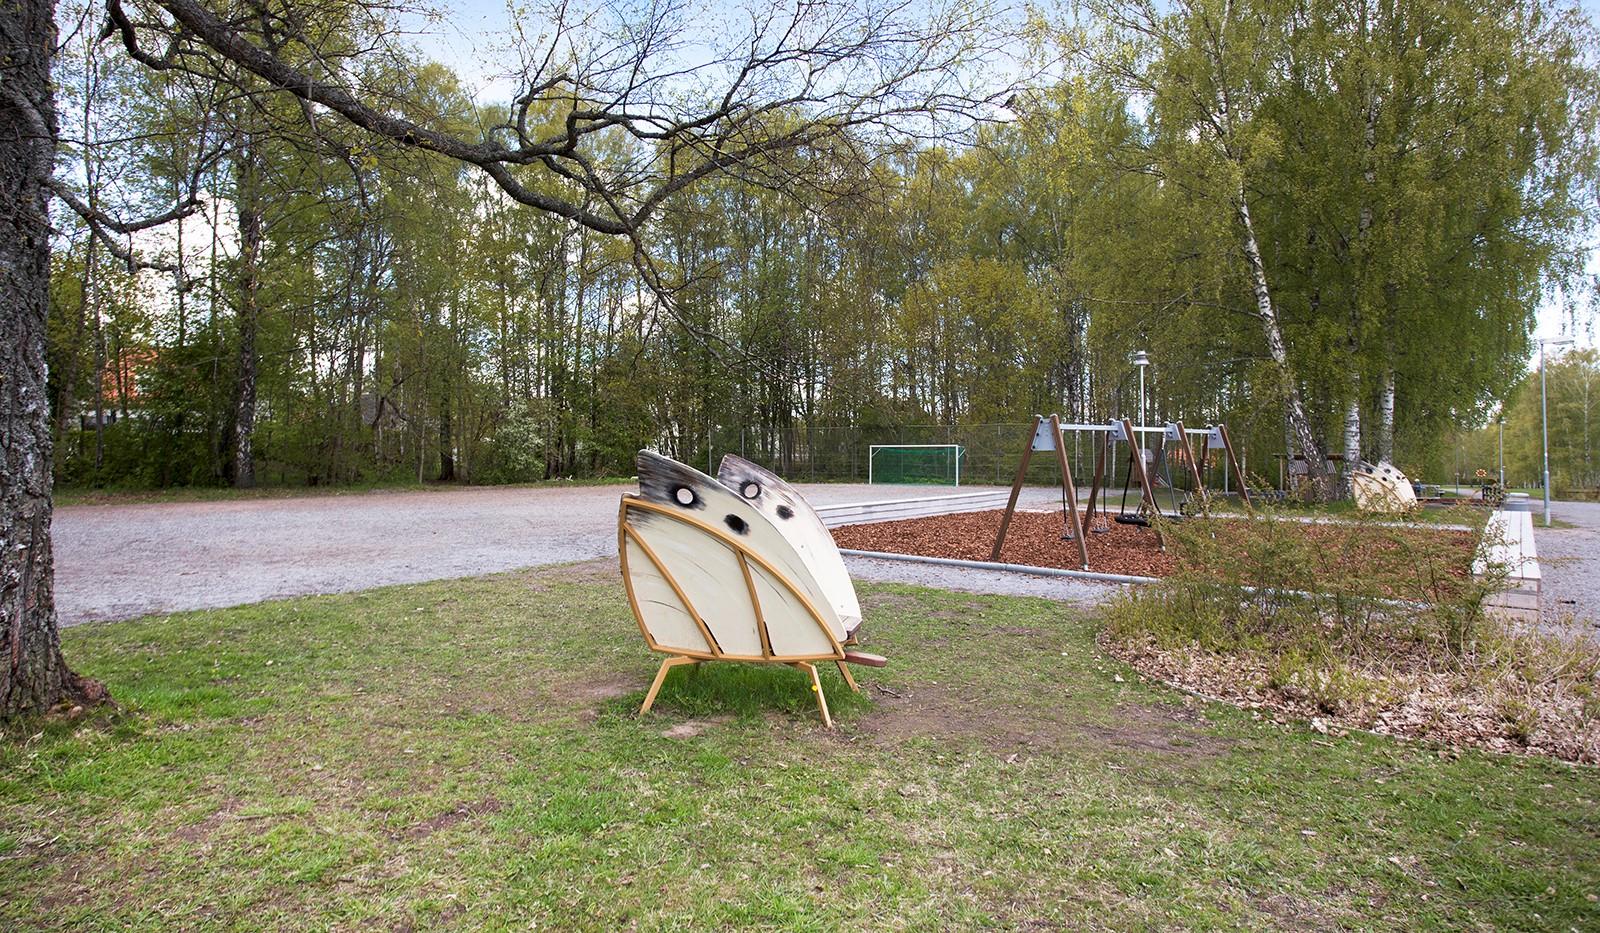 Evalundsvägen 202 - Nyrenoverad lekplats i parken